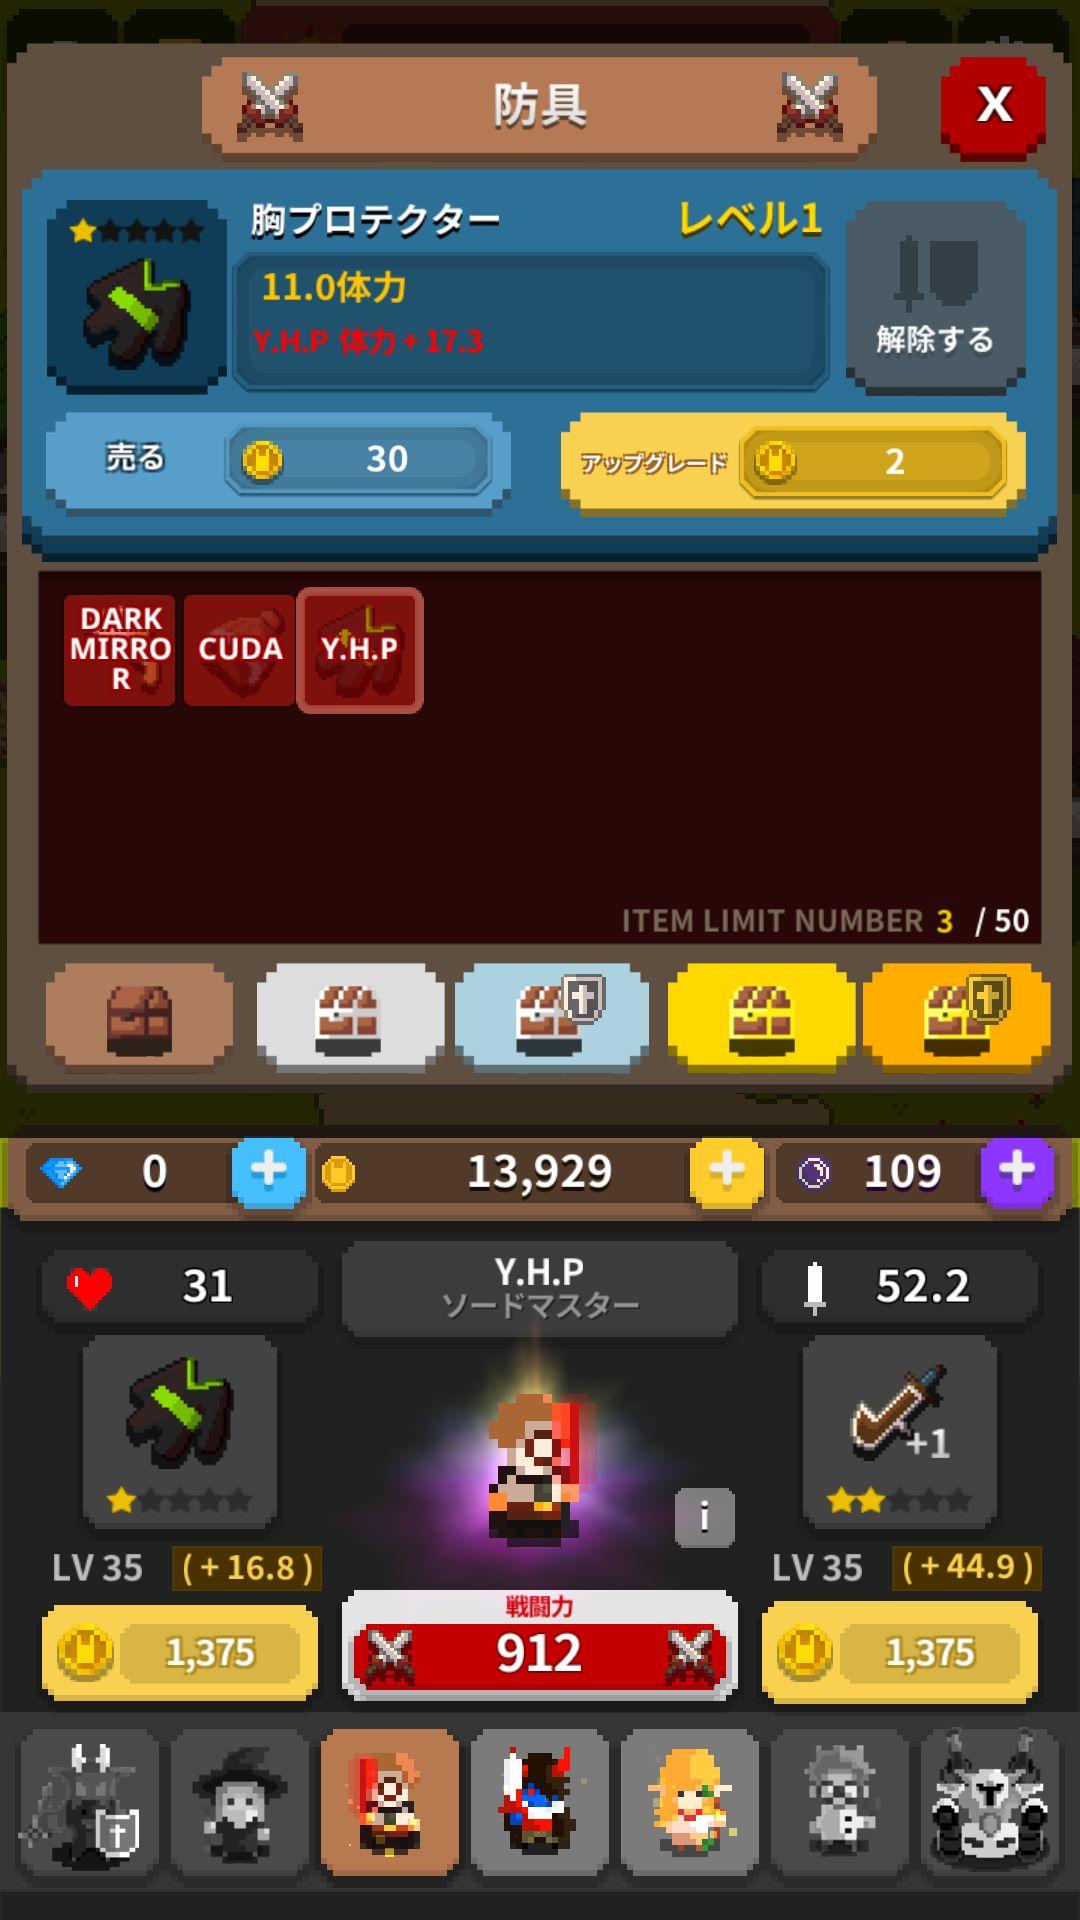 androidアプリ レトロ戦隊 ドットレンジャー攻略スクリーンショット3